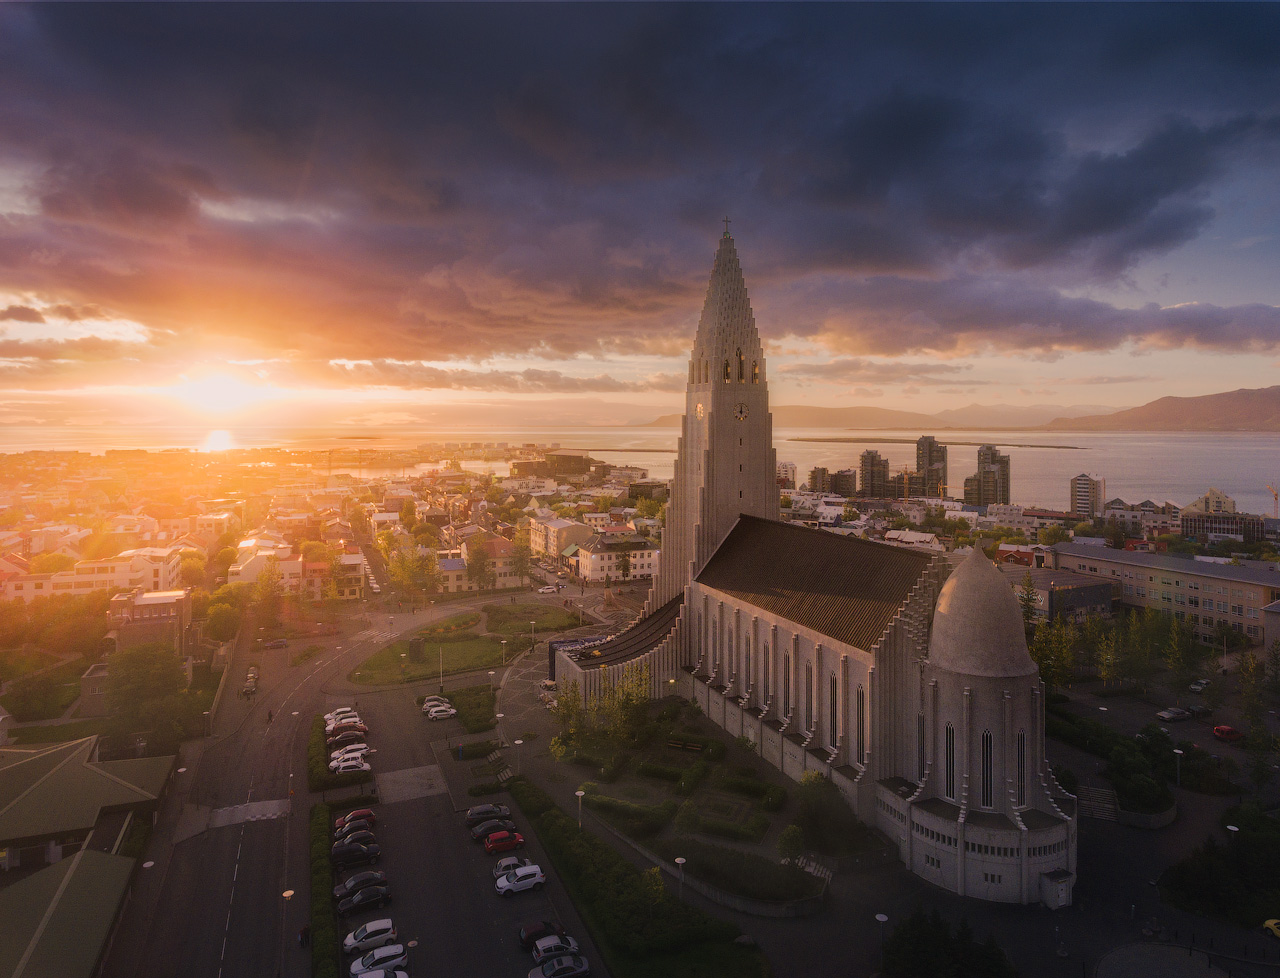 10-дневный летний мастер-класс по ландшафтной фотографии в Исландии - day 10